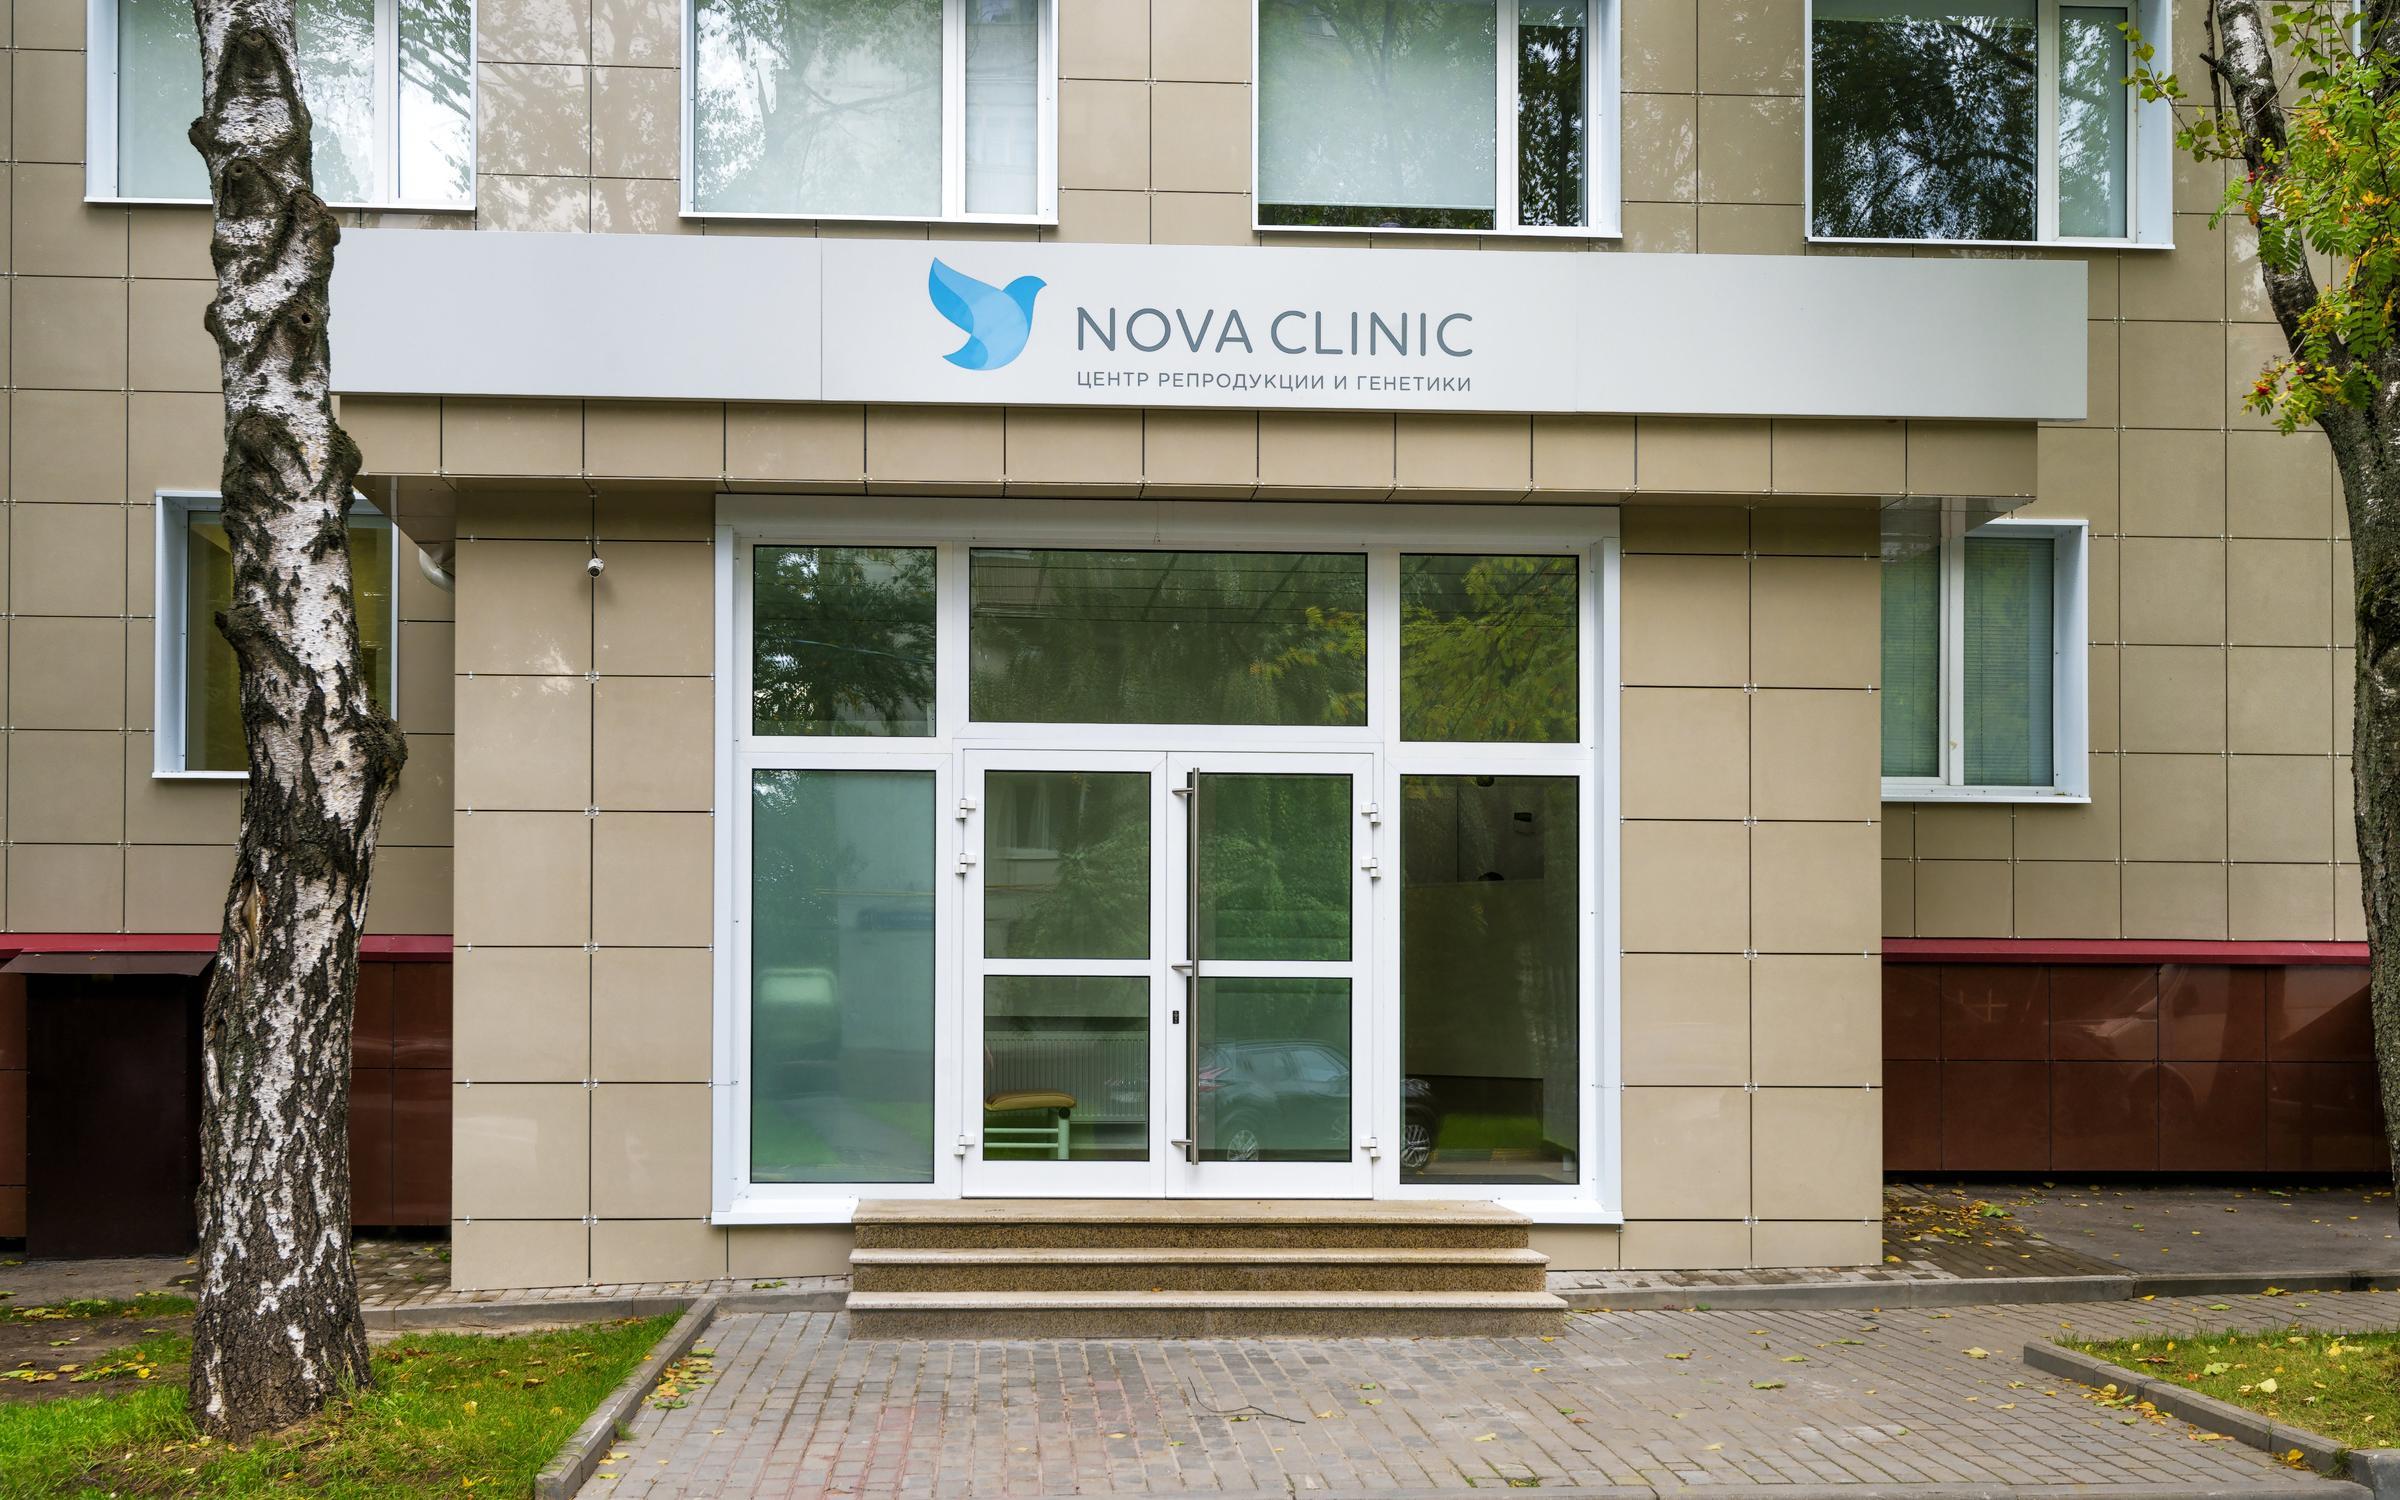 фотография Центра генетики и репродукции NOVA CLINIC на улице Лобачевского